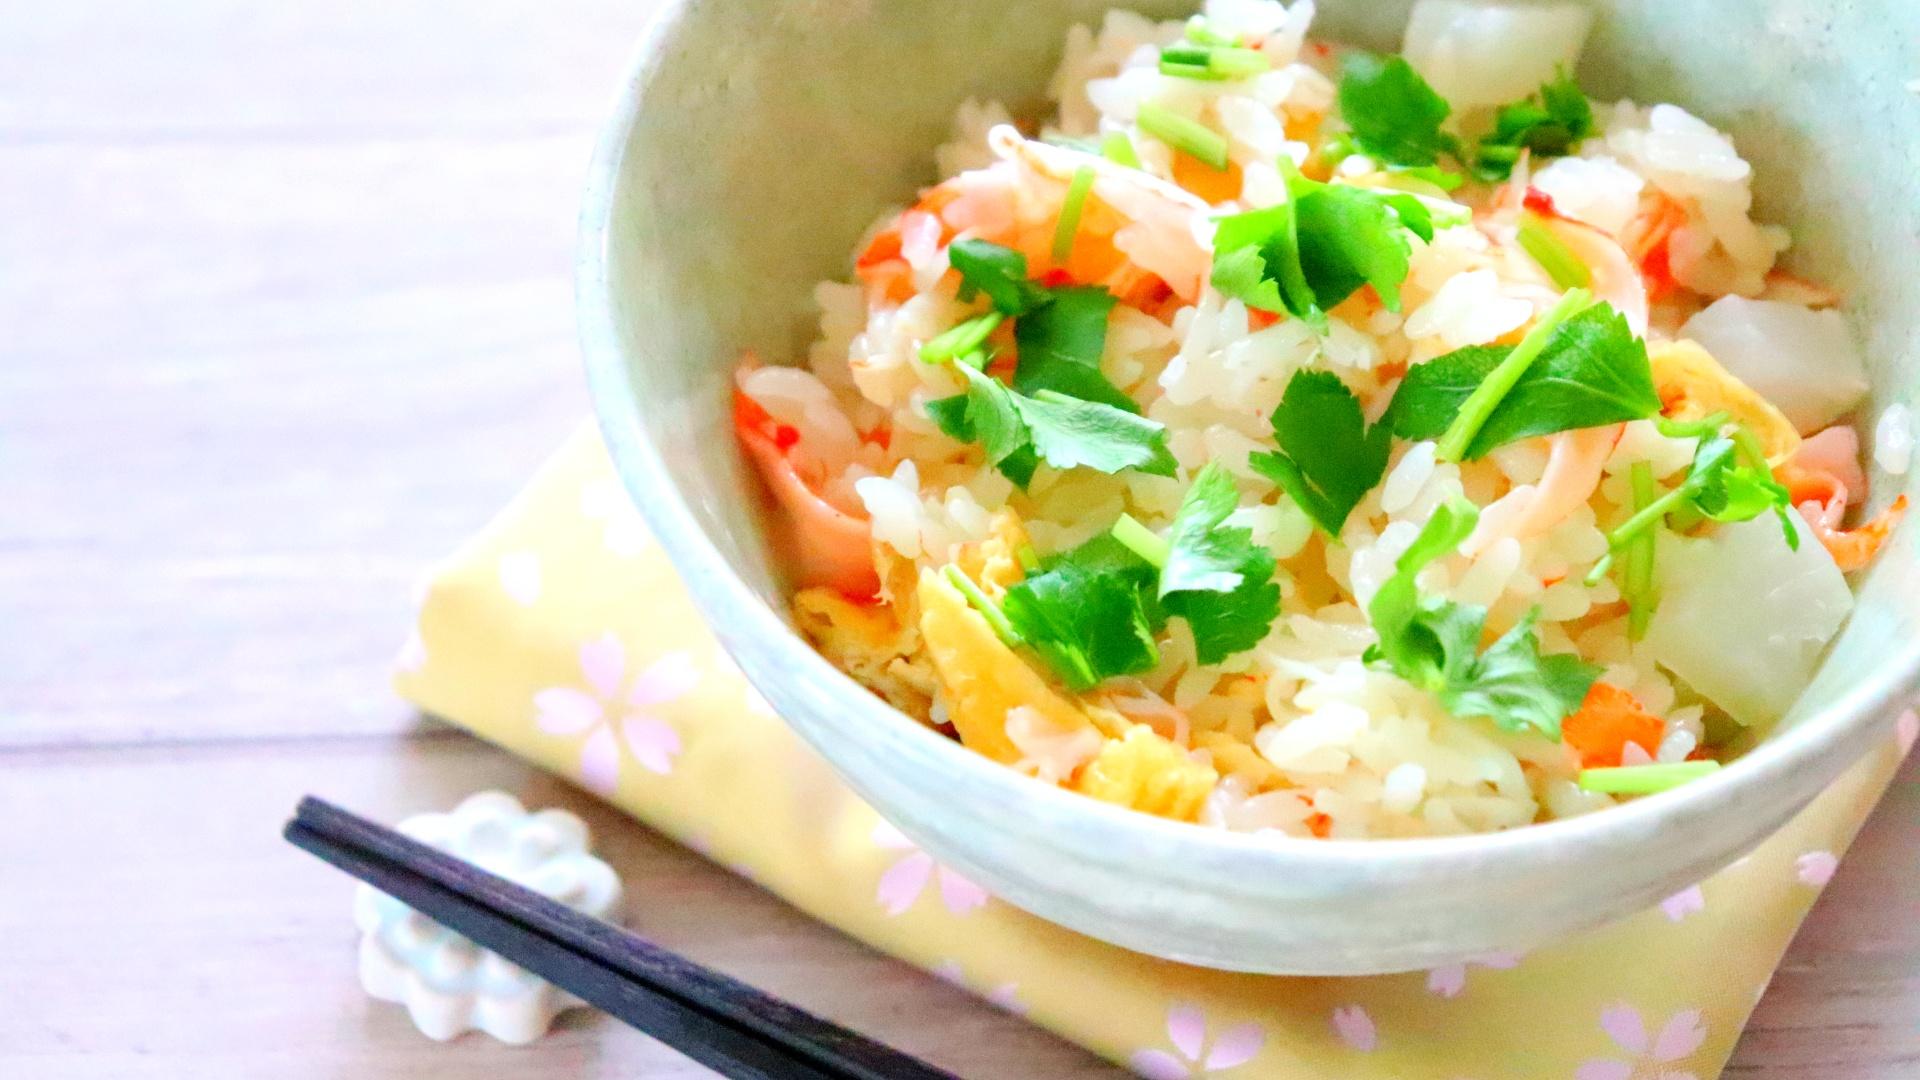 レシピ ほぼ カニ 【カレン食堂】『君のおかげで(ほぼカニ丼)』のレシピ・作り方『ハナコ岡部』